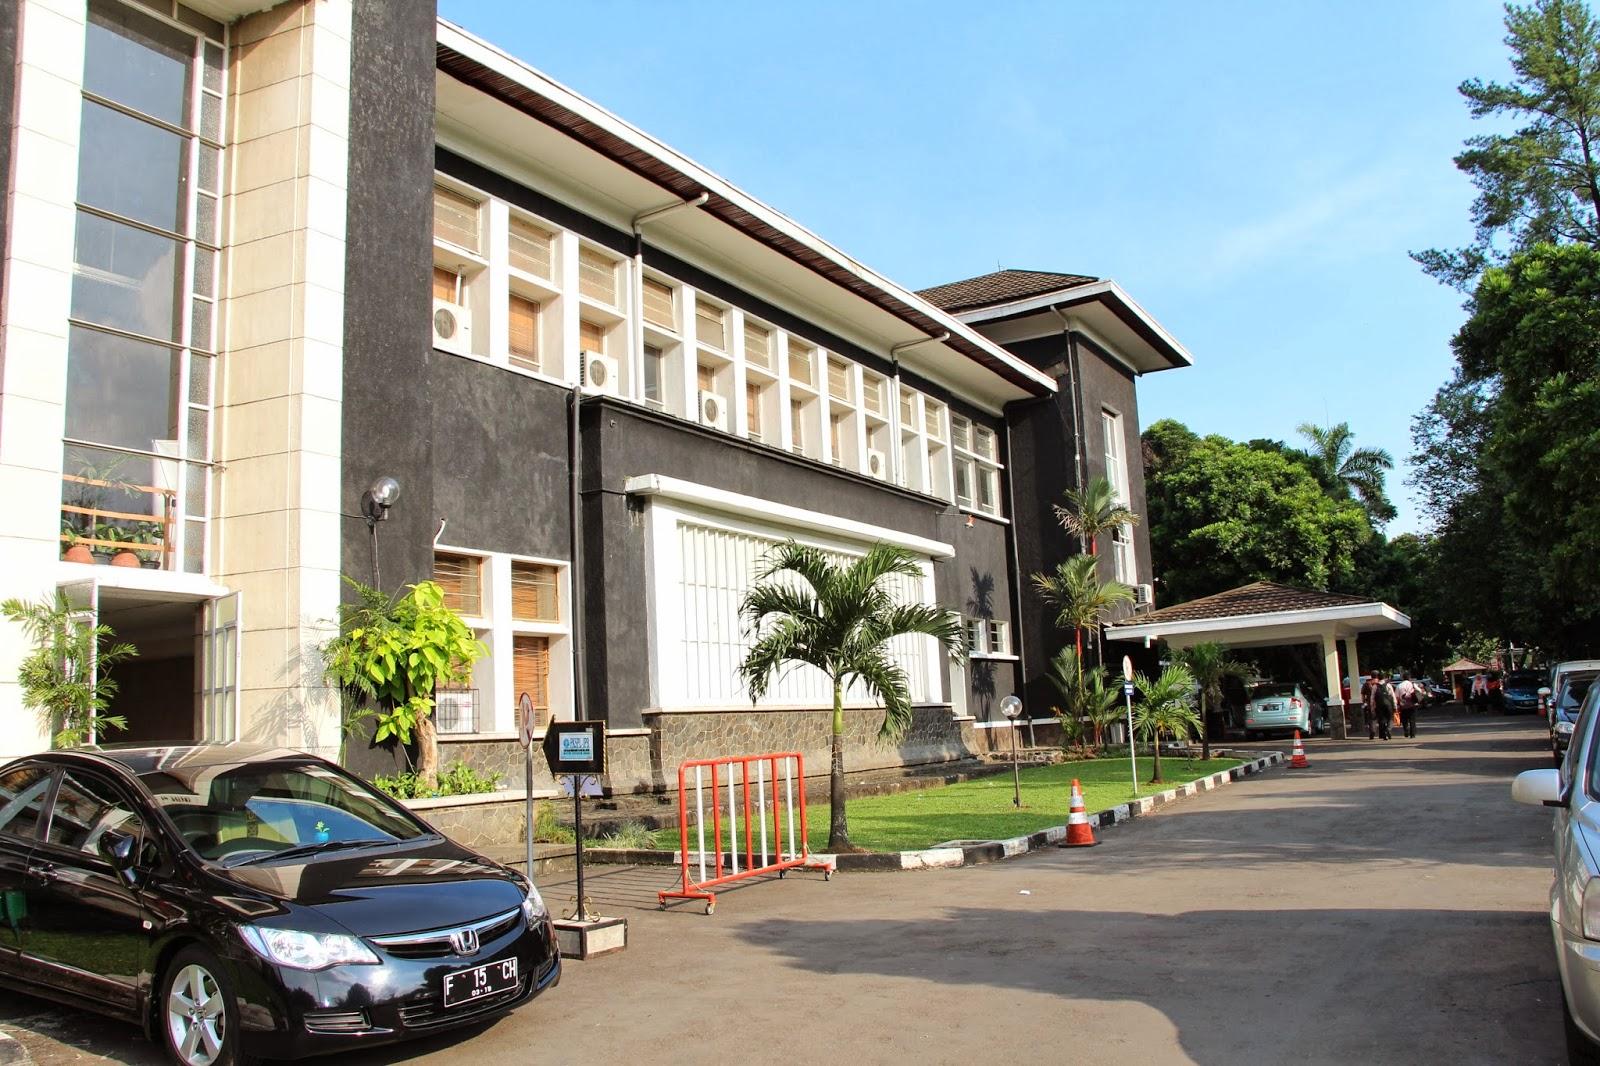 ... Pertanian Bogor (Bogor Agriculture University), Bogor, Indonesia